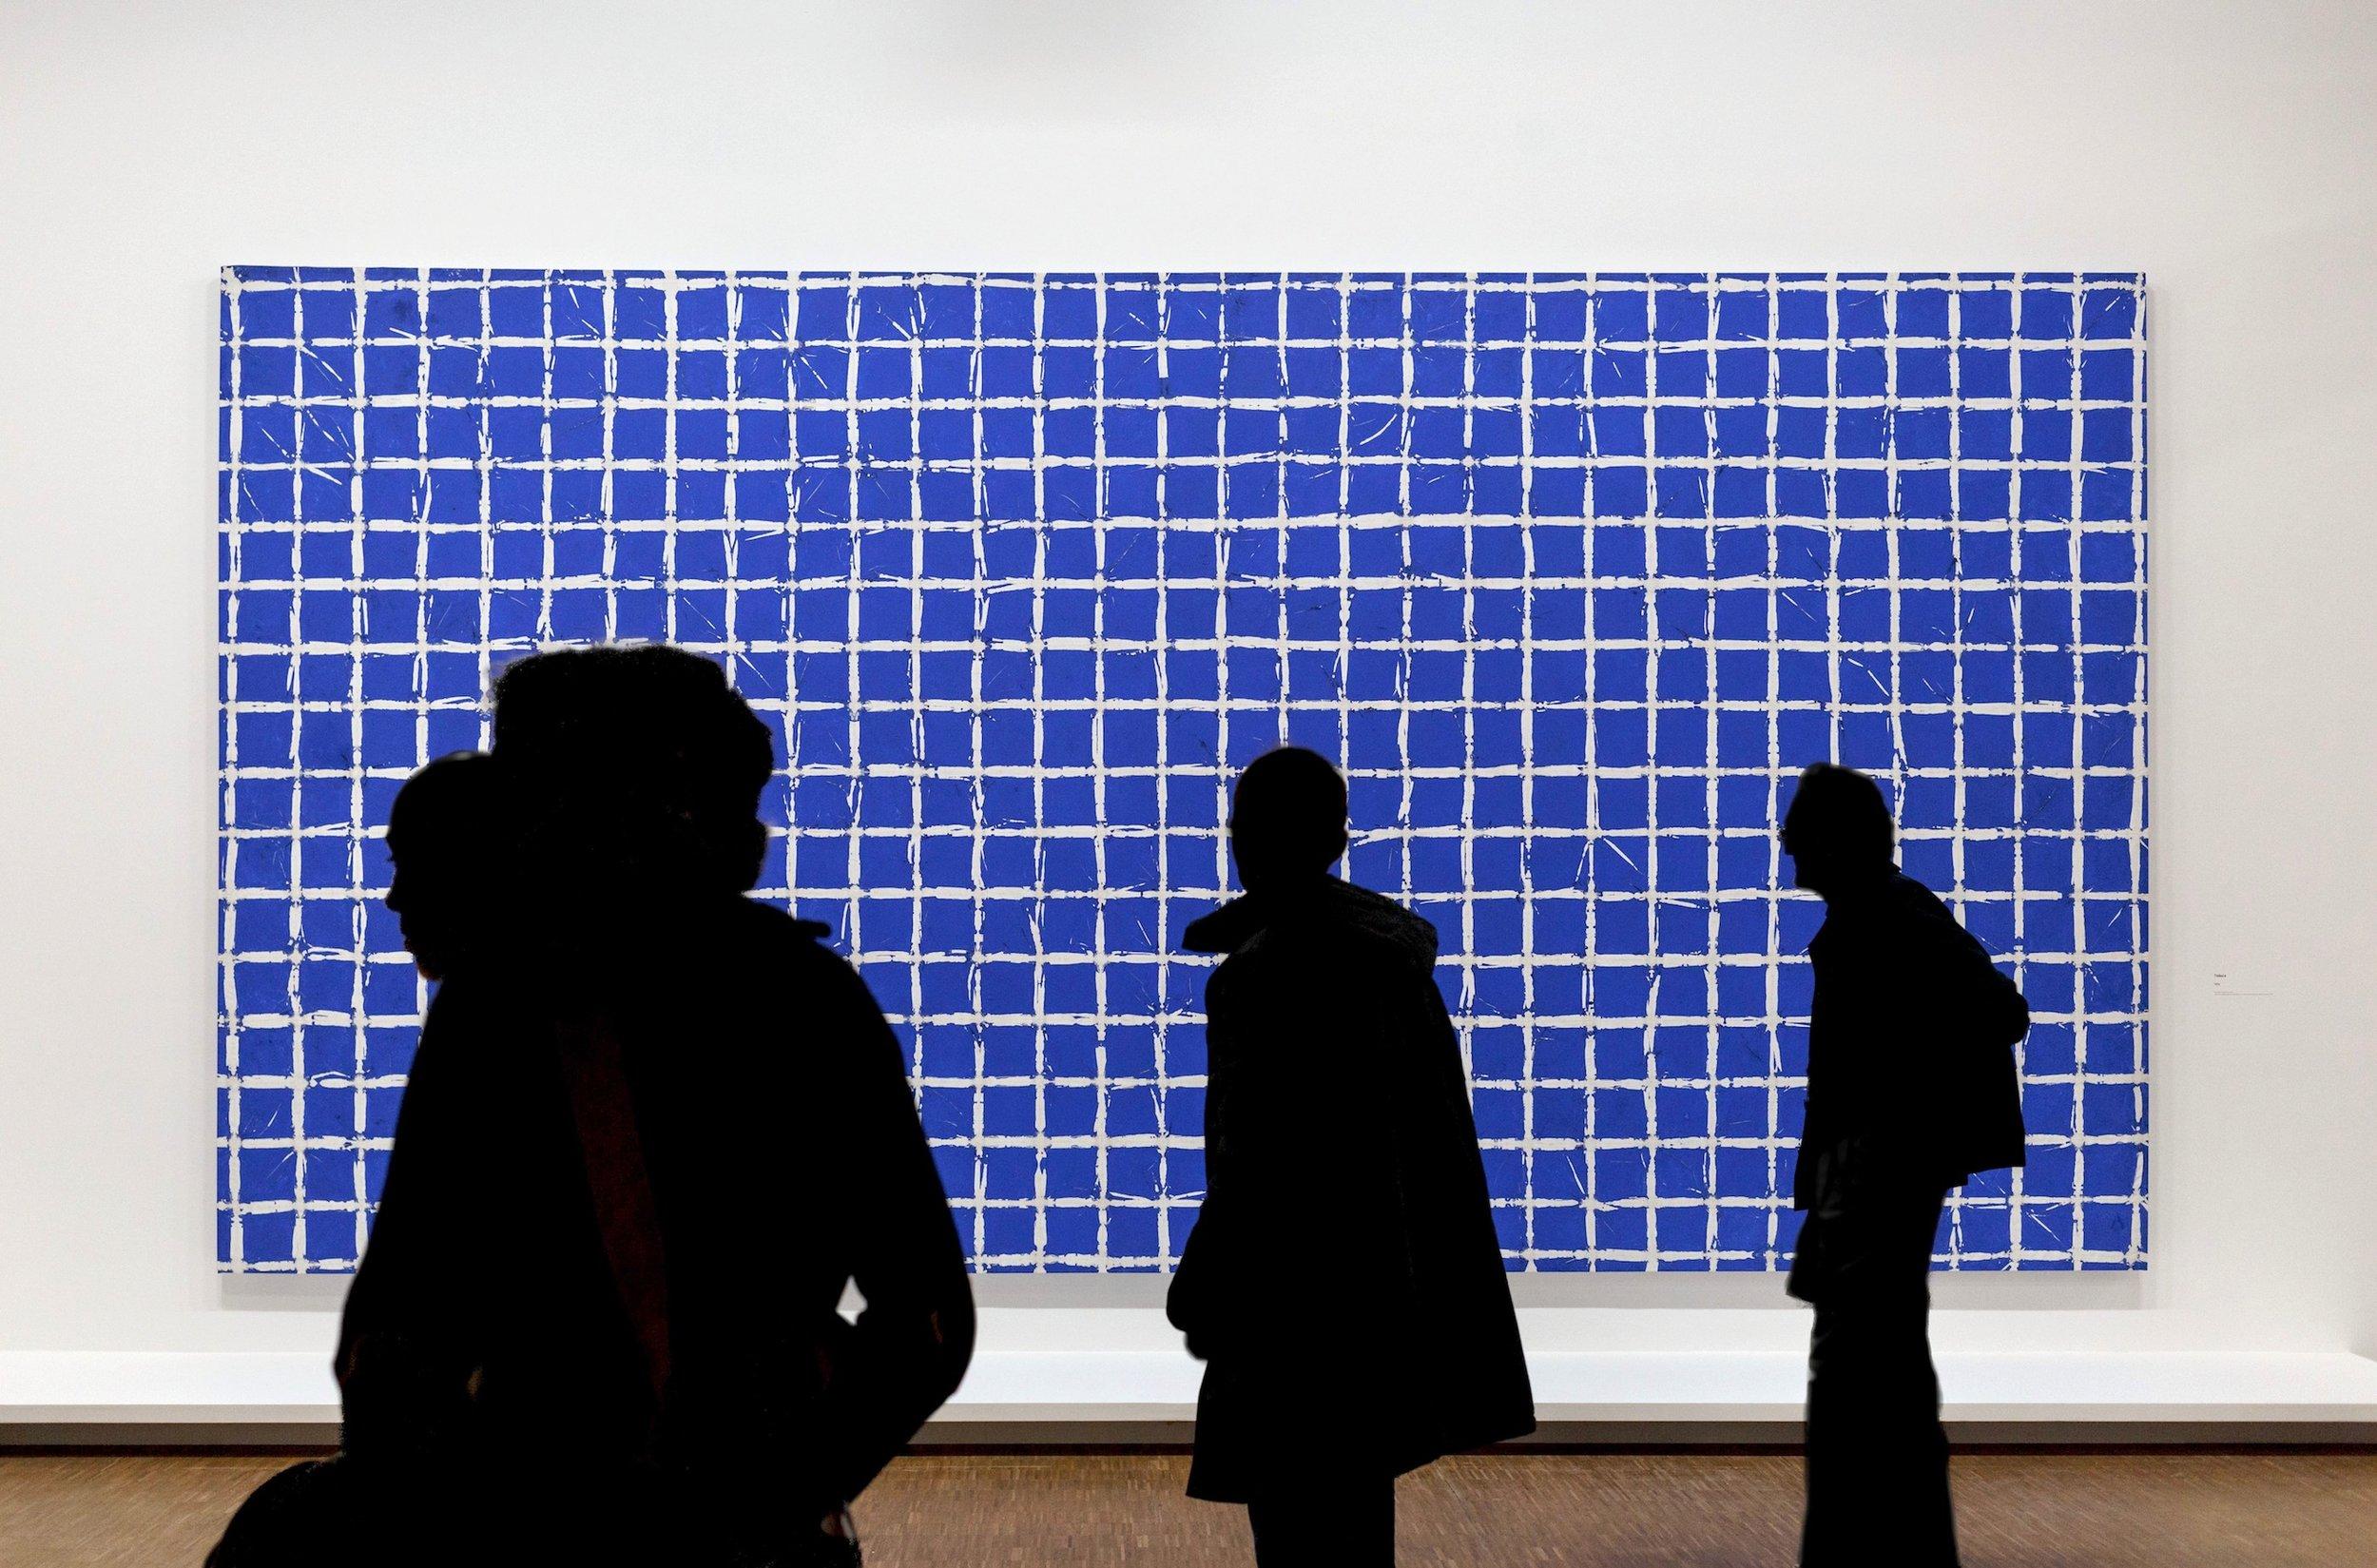 Simon Hantaï (1922-2008). Tabula , 1974, acrylic on canvas, 118.13 x 226 inches. Collection Musée national d'art moderne, Centre Georges Pompidou, Paris.